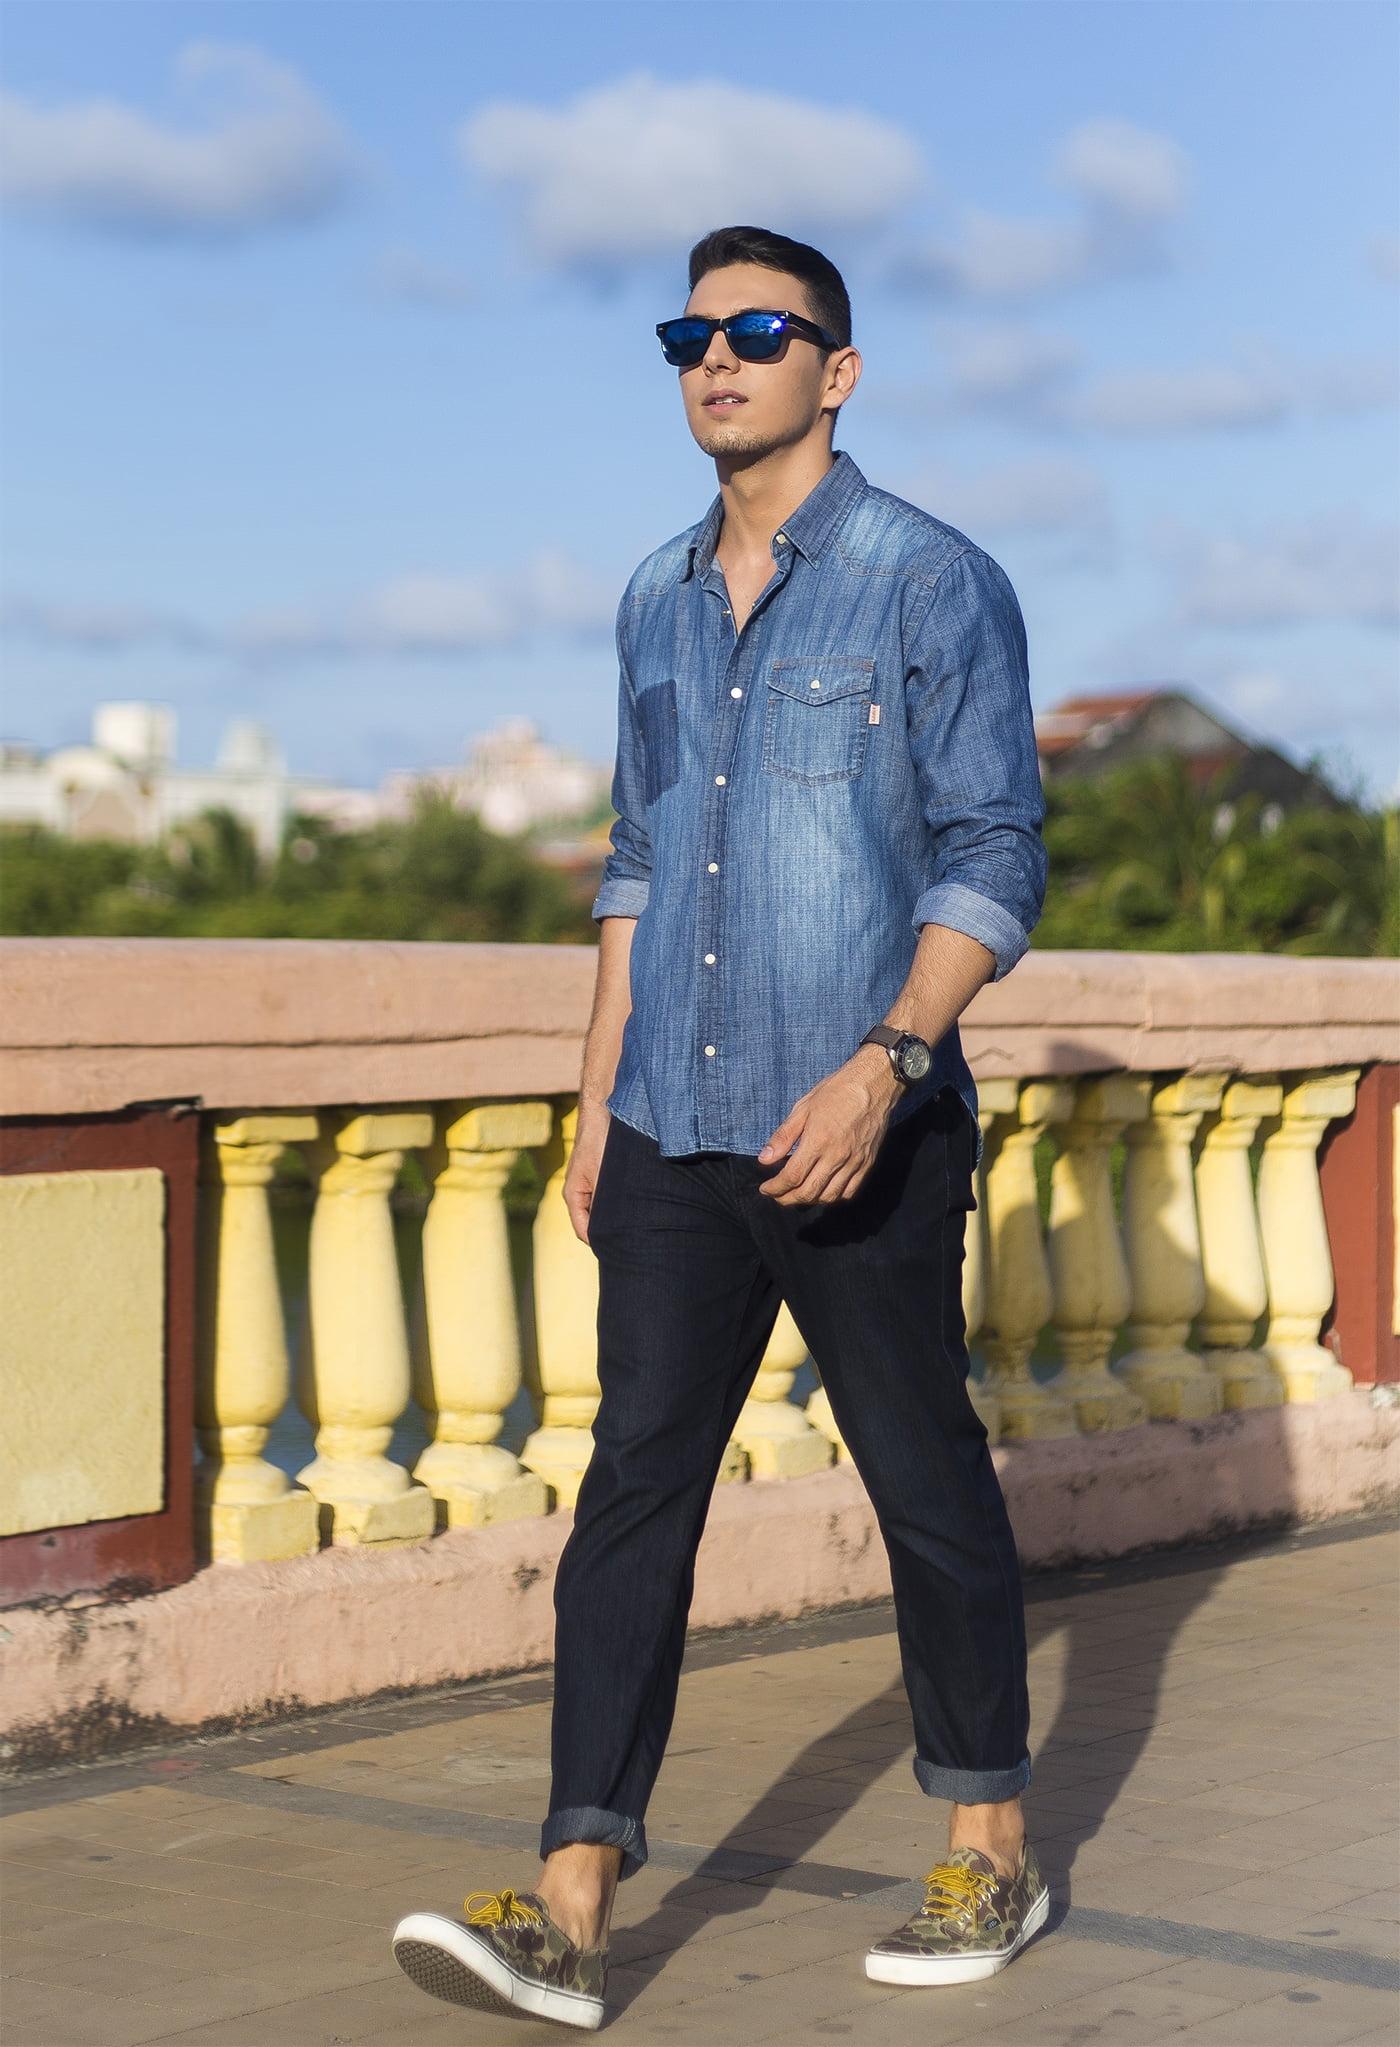 Juan Alves Total Jeans Homens que se cuidam 1